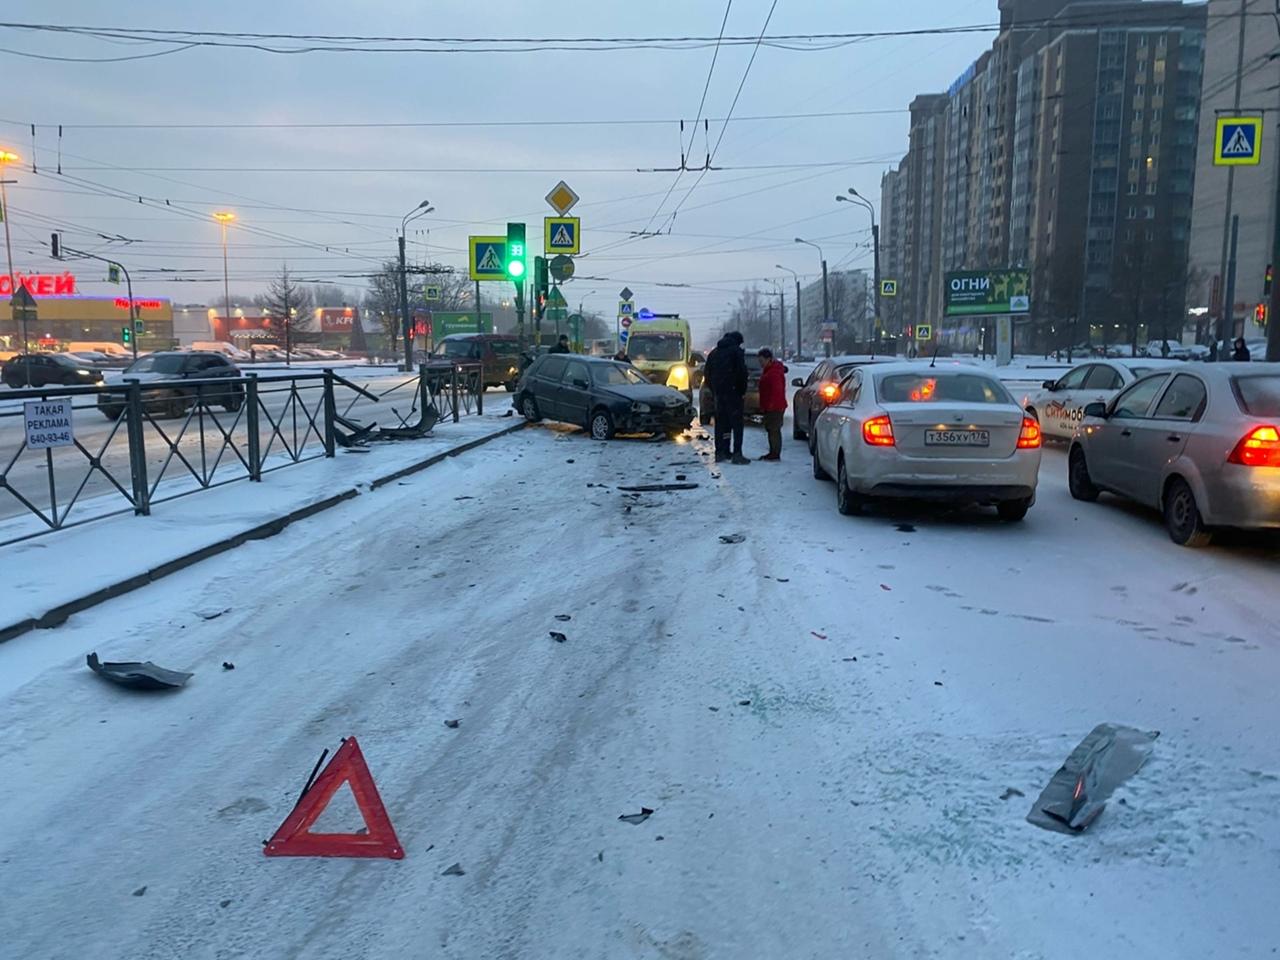 Очень нужна запись аварии произошедшей сегодня в 09:30 утра на перекрёстке Большевиков и Подвойского...